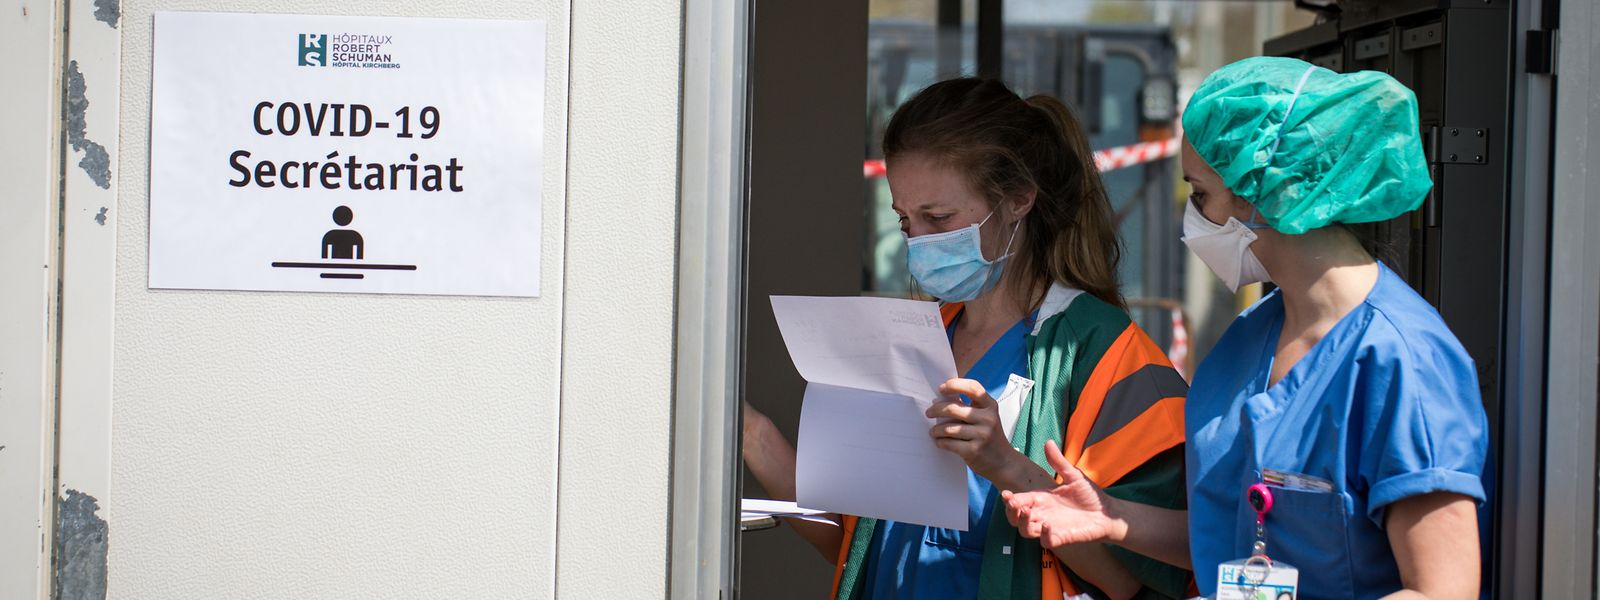 Jeder der ein Krankenhaus betritt muss eine Gesichtsmaske tragen und die Hände desinfizieren. Außerdem misst eine Krankenpflegerin die Temperatur. So soll verhindert werden, dass es im Krankenhaus zu Ansteckungen mit dem SARS-CoV-2-Virus kommt.